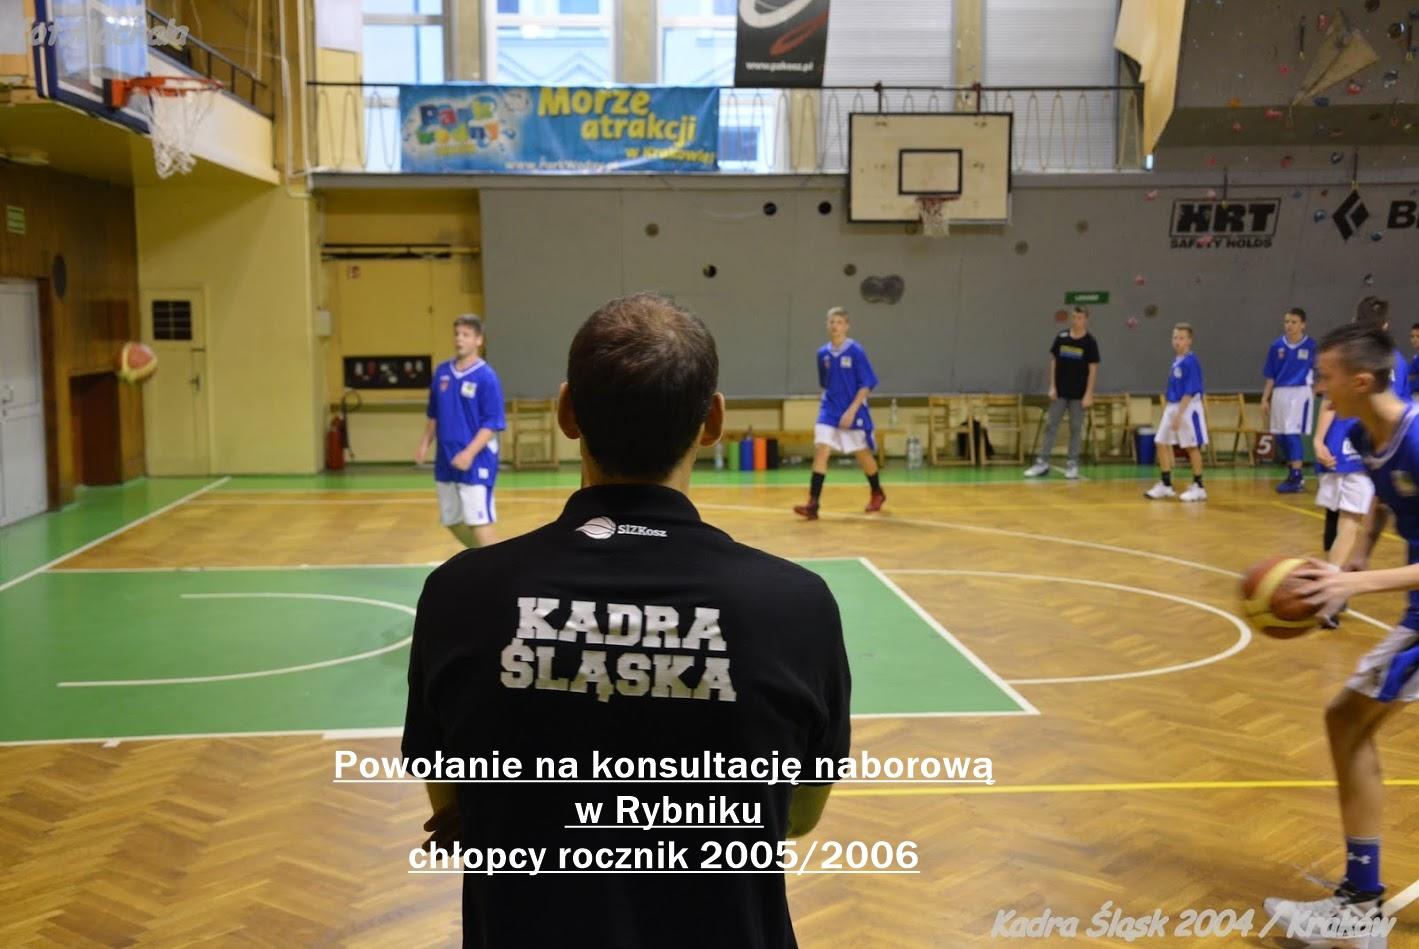 101c91fe2 Konsultacje naborowe chłopców rocznik 2005/2006